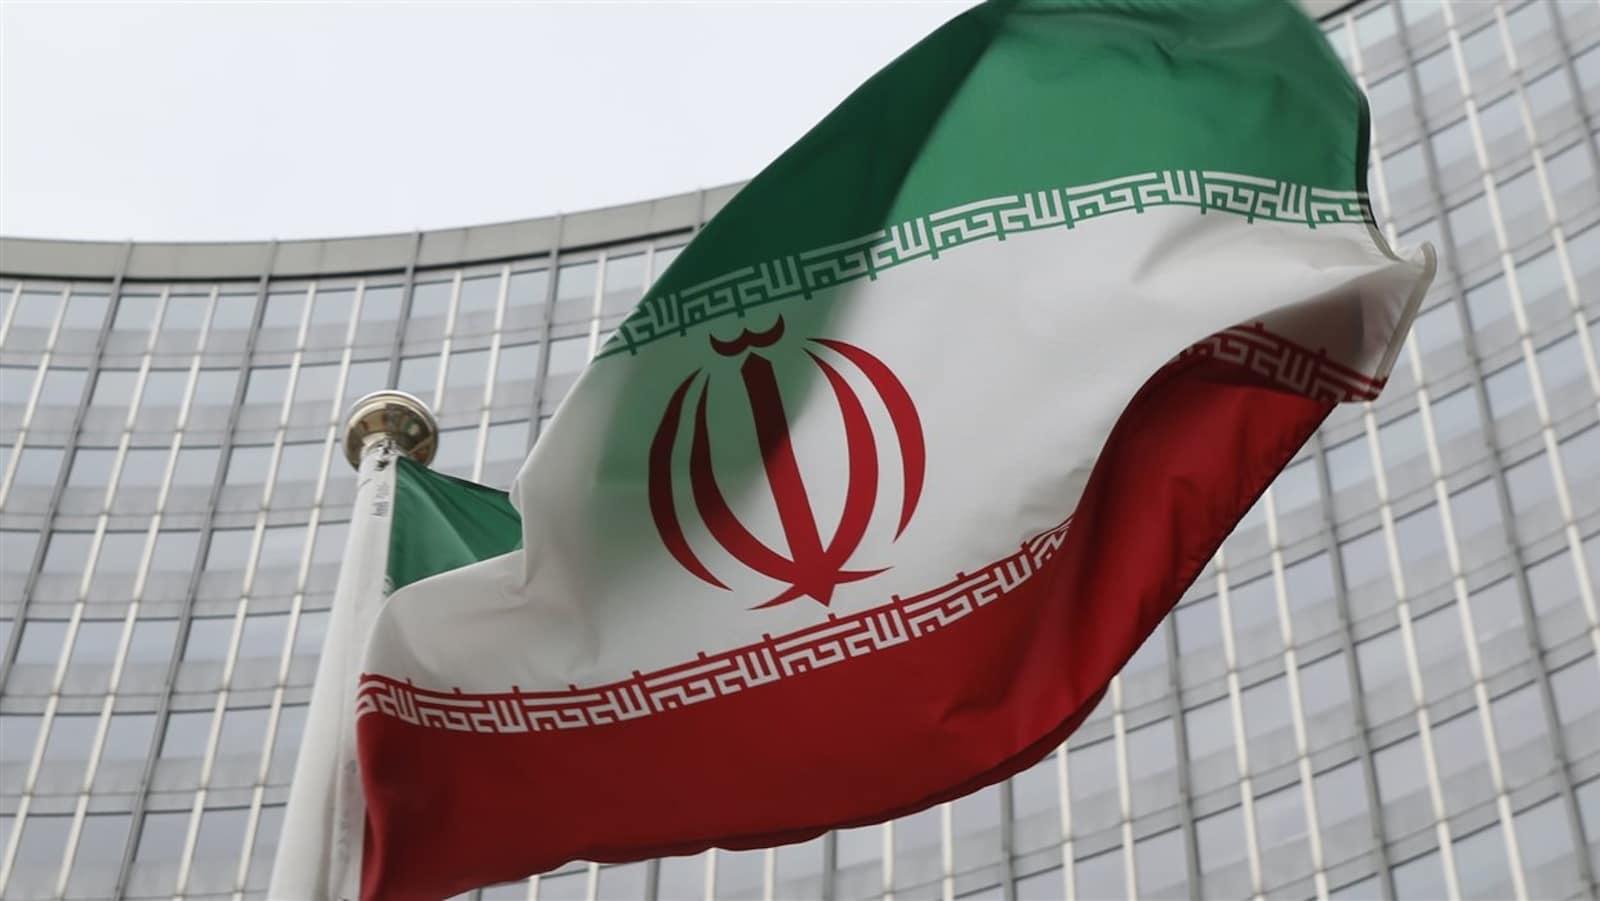 Extraterritorialité du droit américain et sanctions en Iran : l'Union européenne dépassée